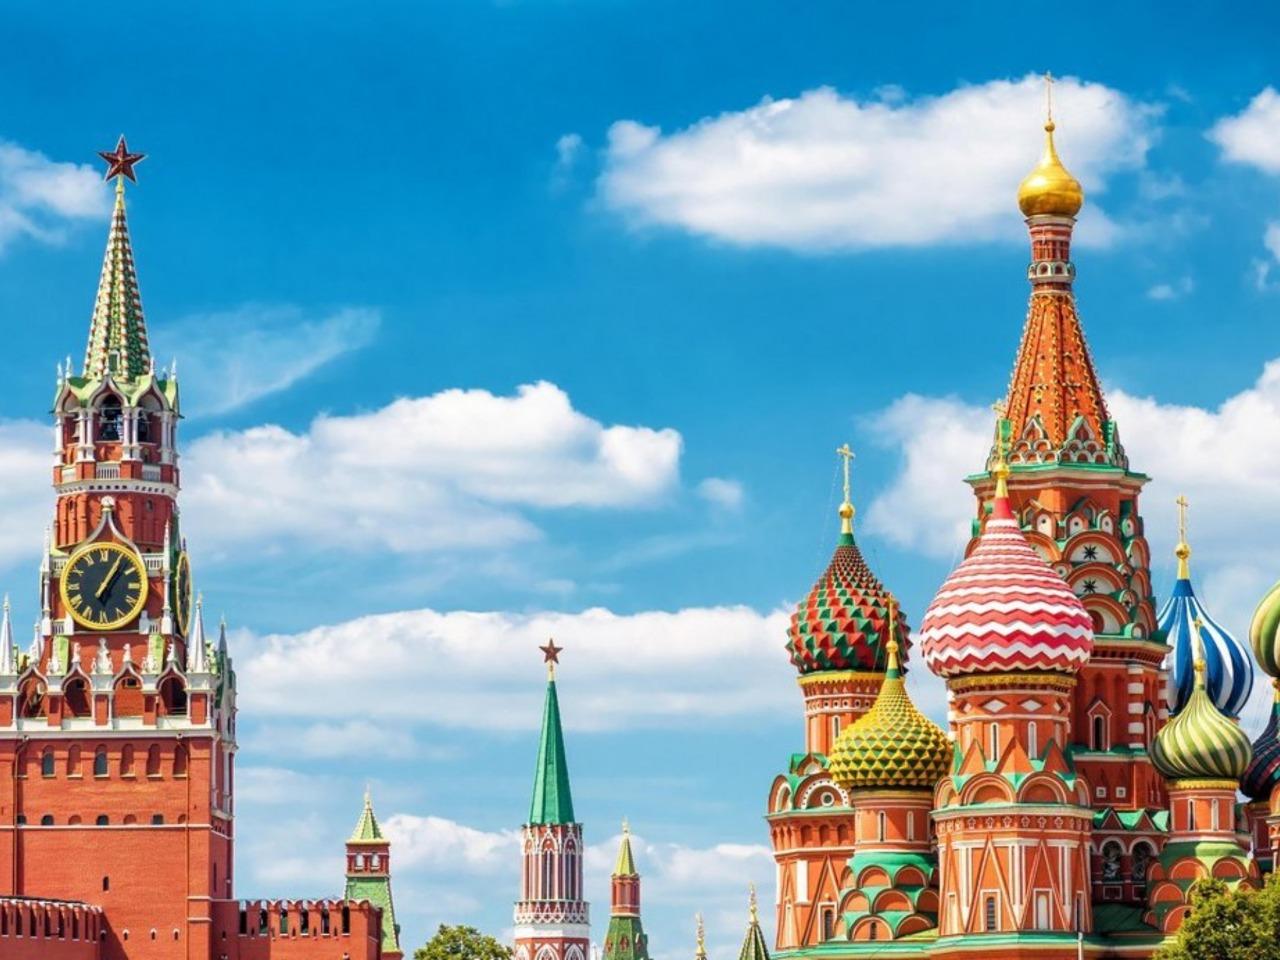 Квест по Красной площади для детей и взрослых - индивидуальная экскурсия по Москве от опытного гида